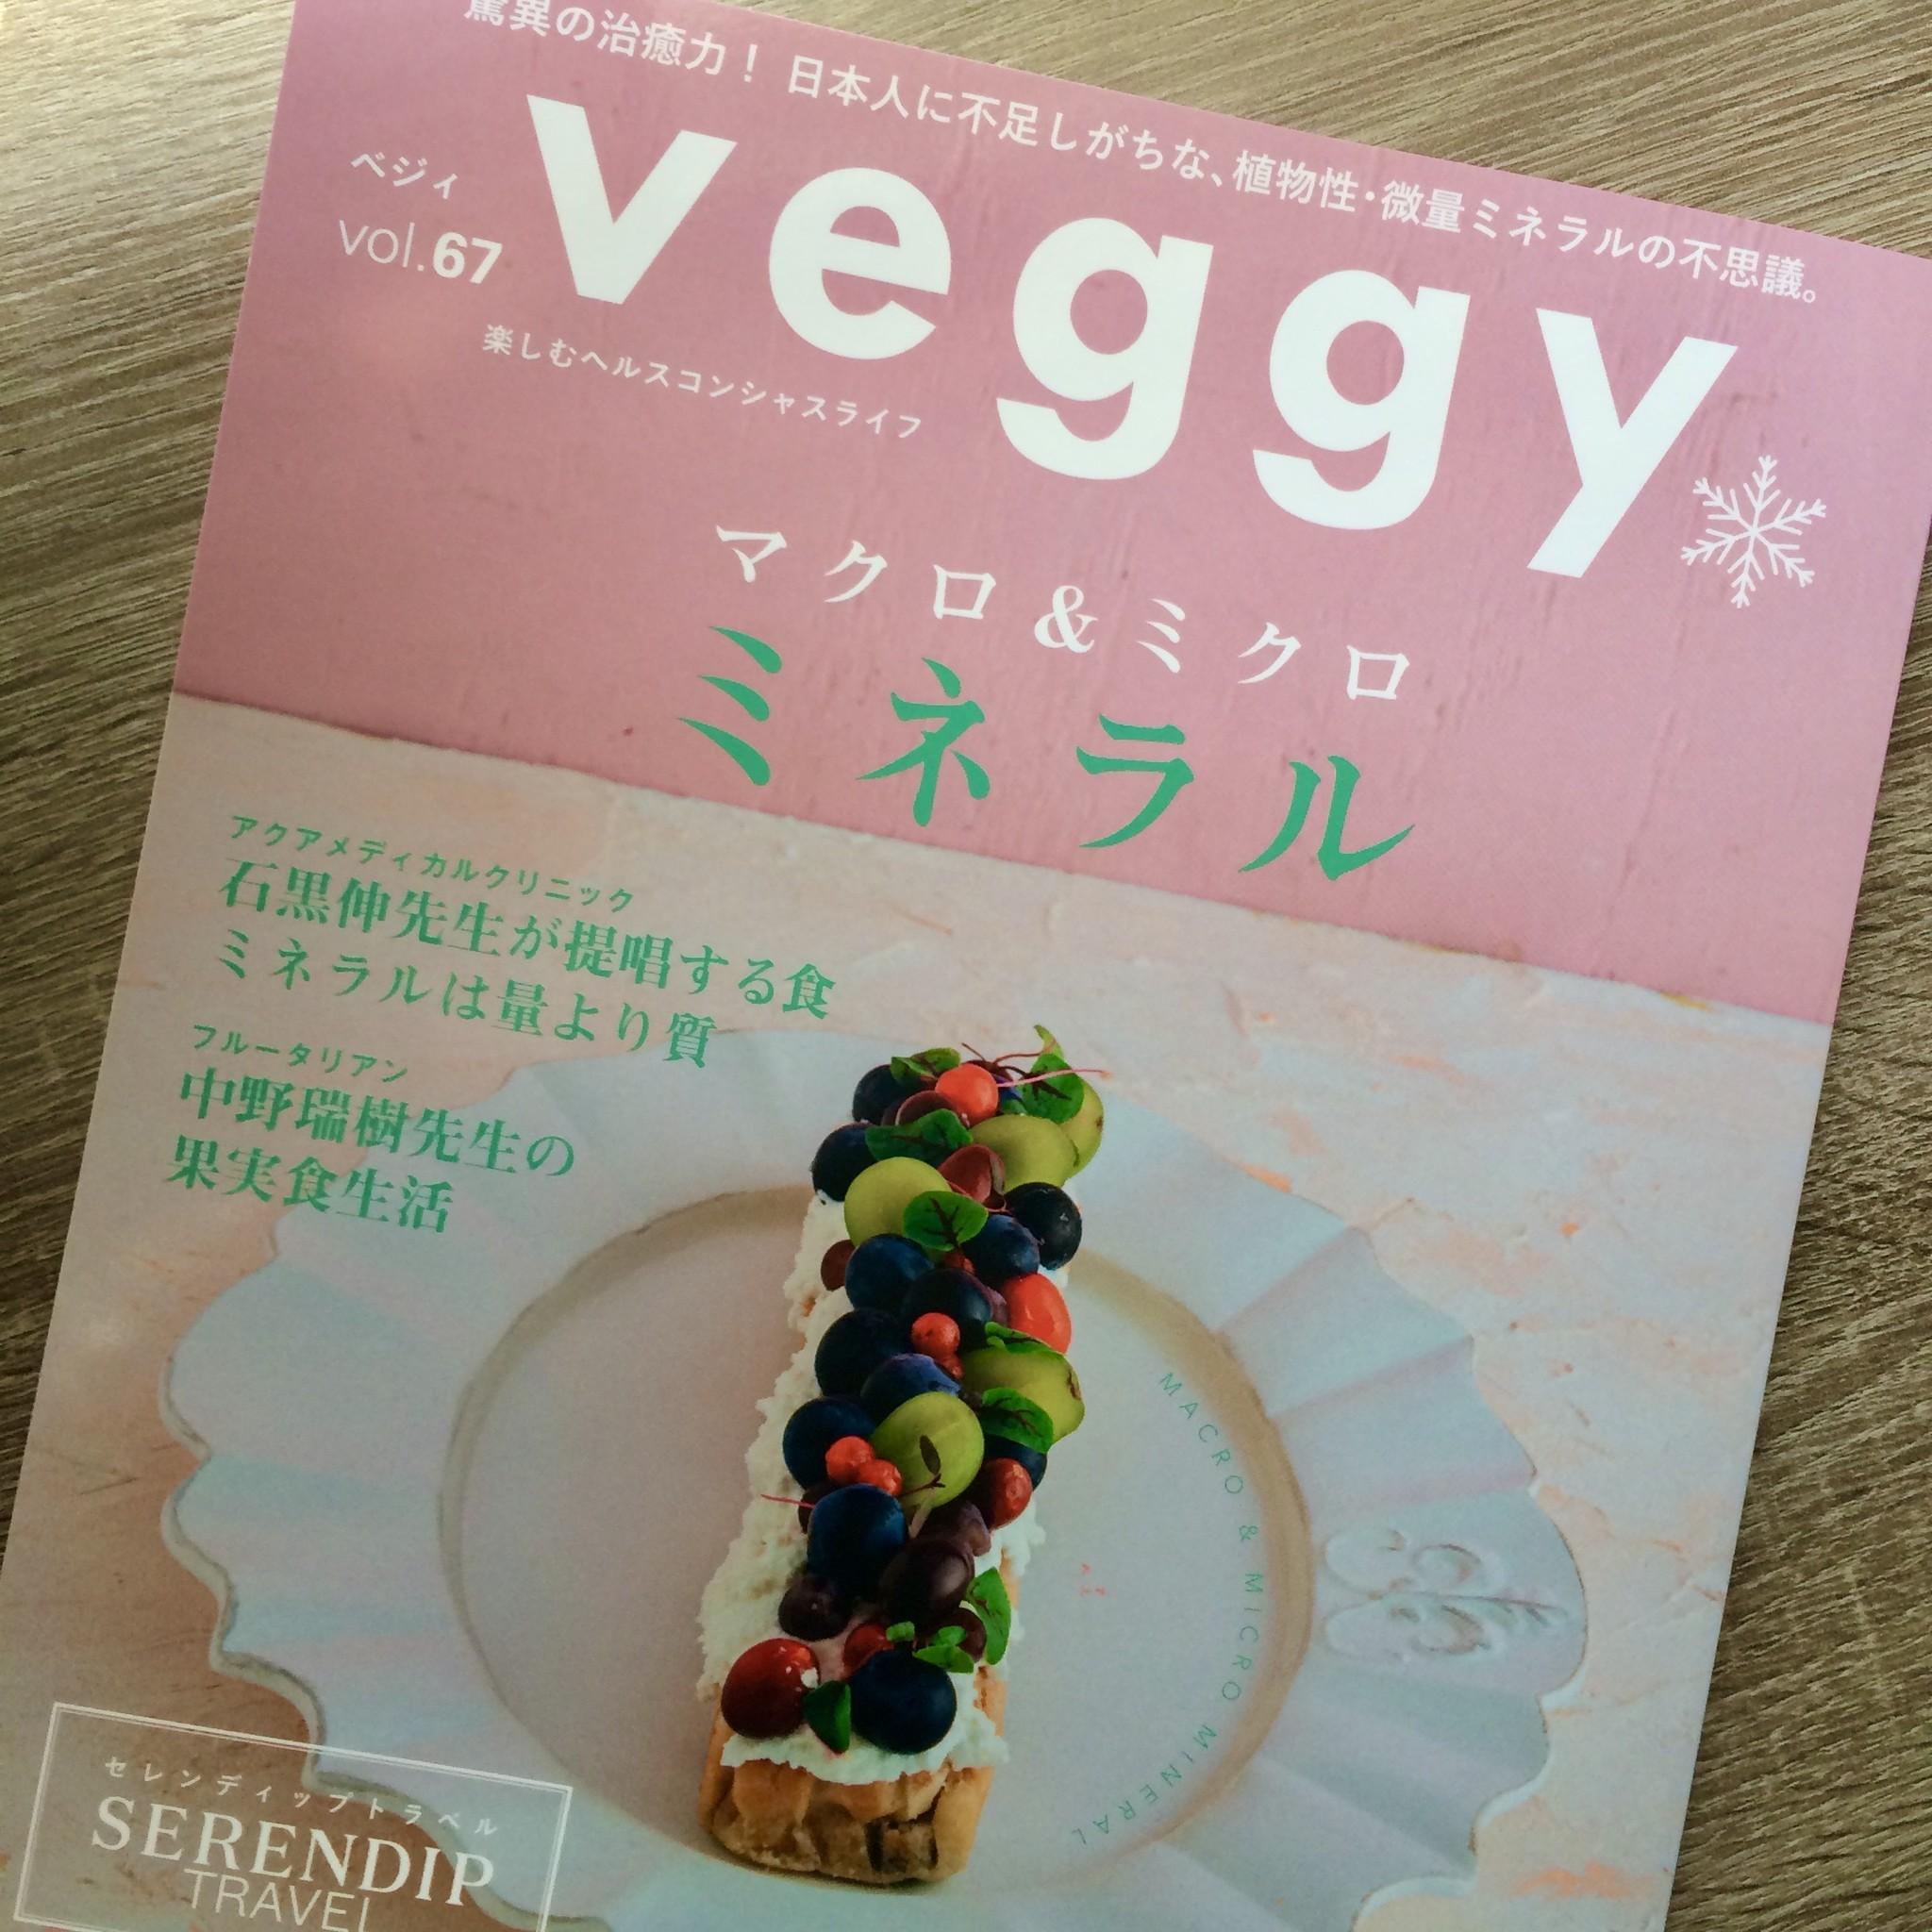 雑誌 veggy に掲載していただきました